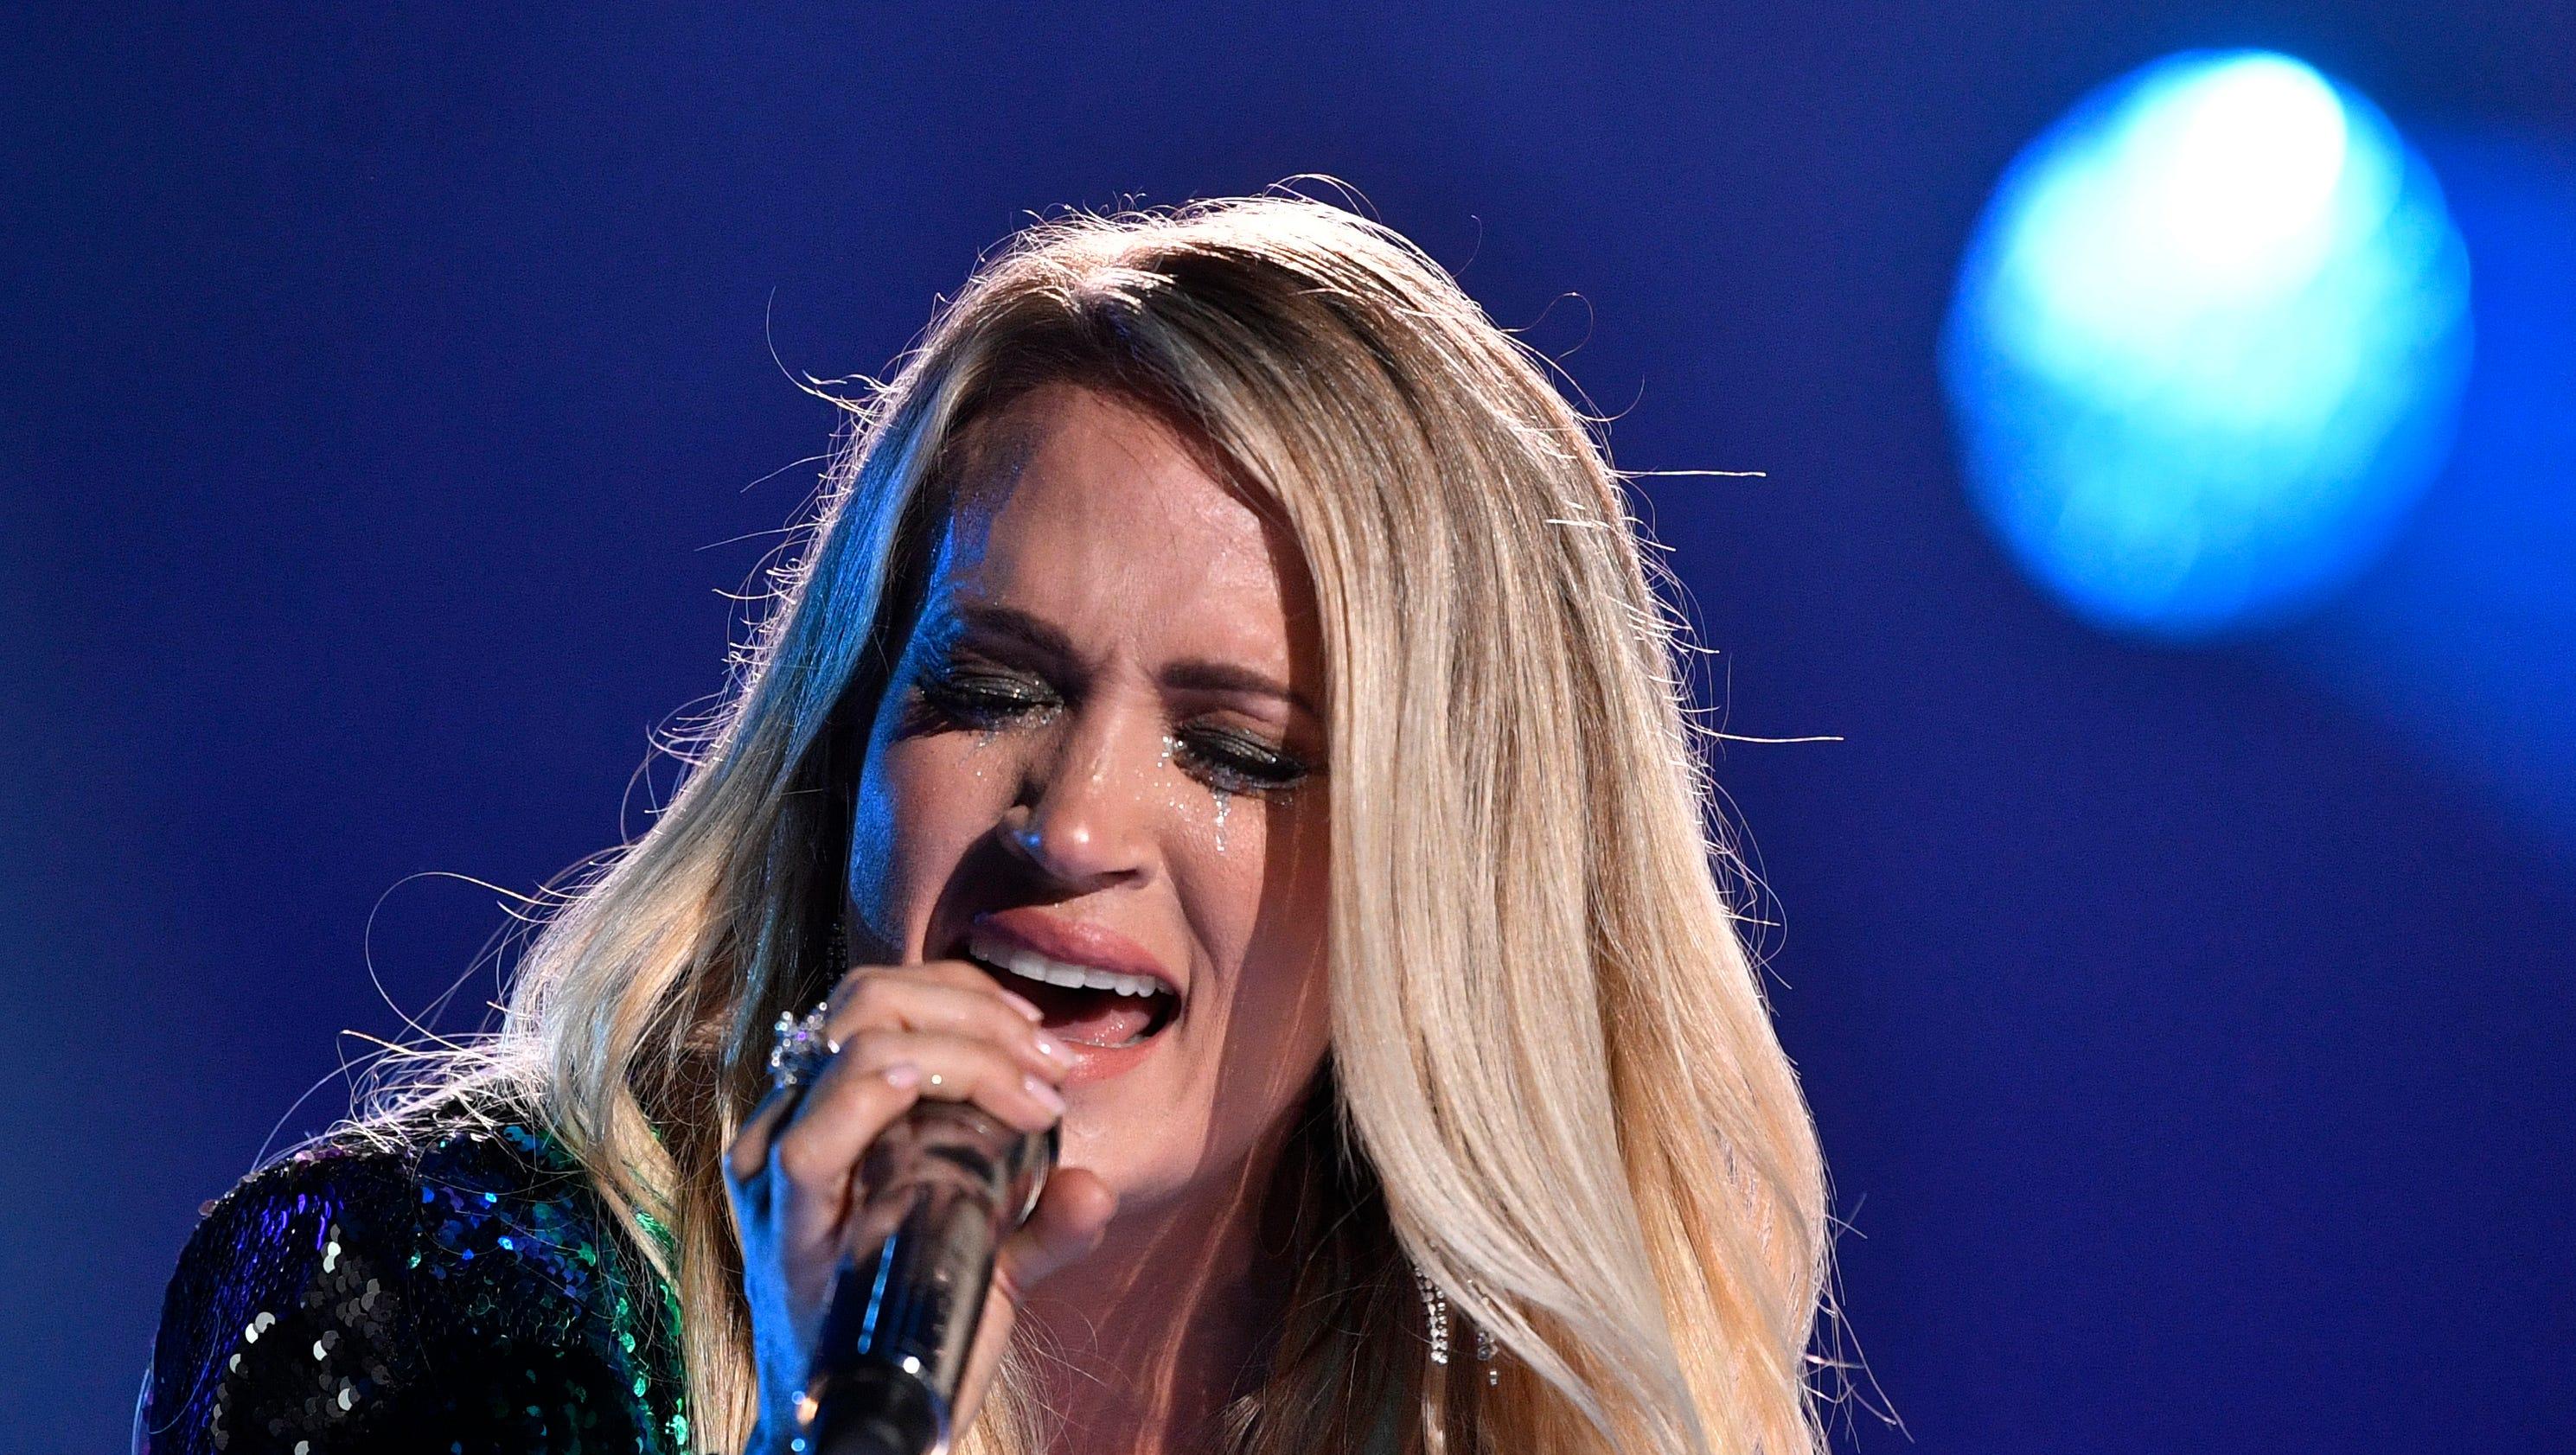 Cma Fest 2018 Carrie Underwood Blake Shelton Bring